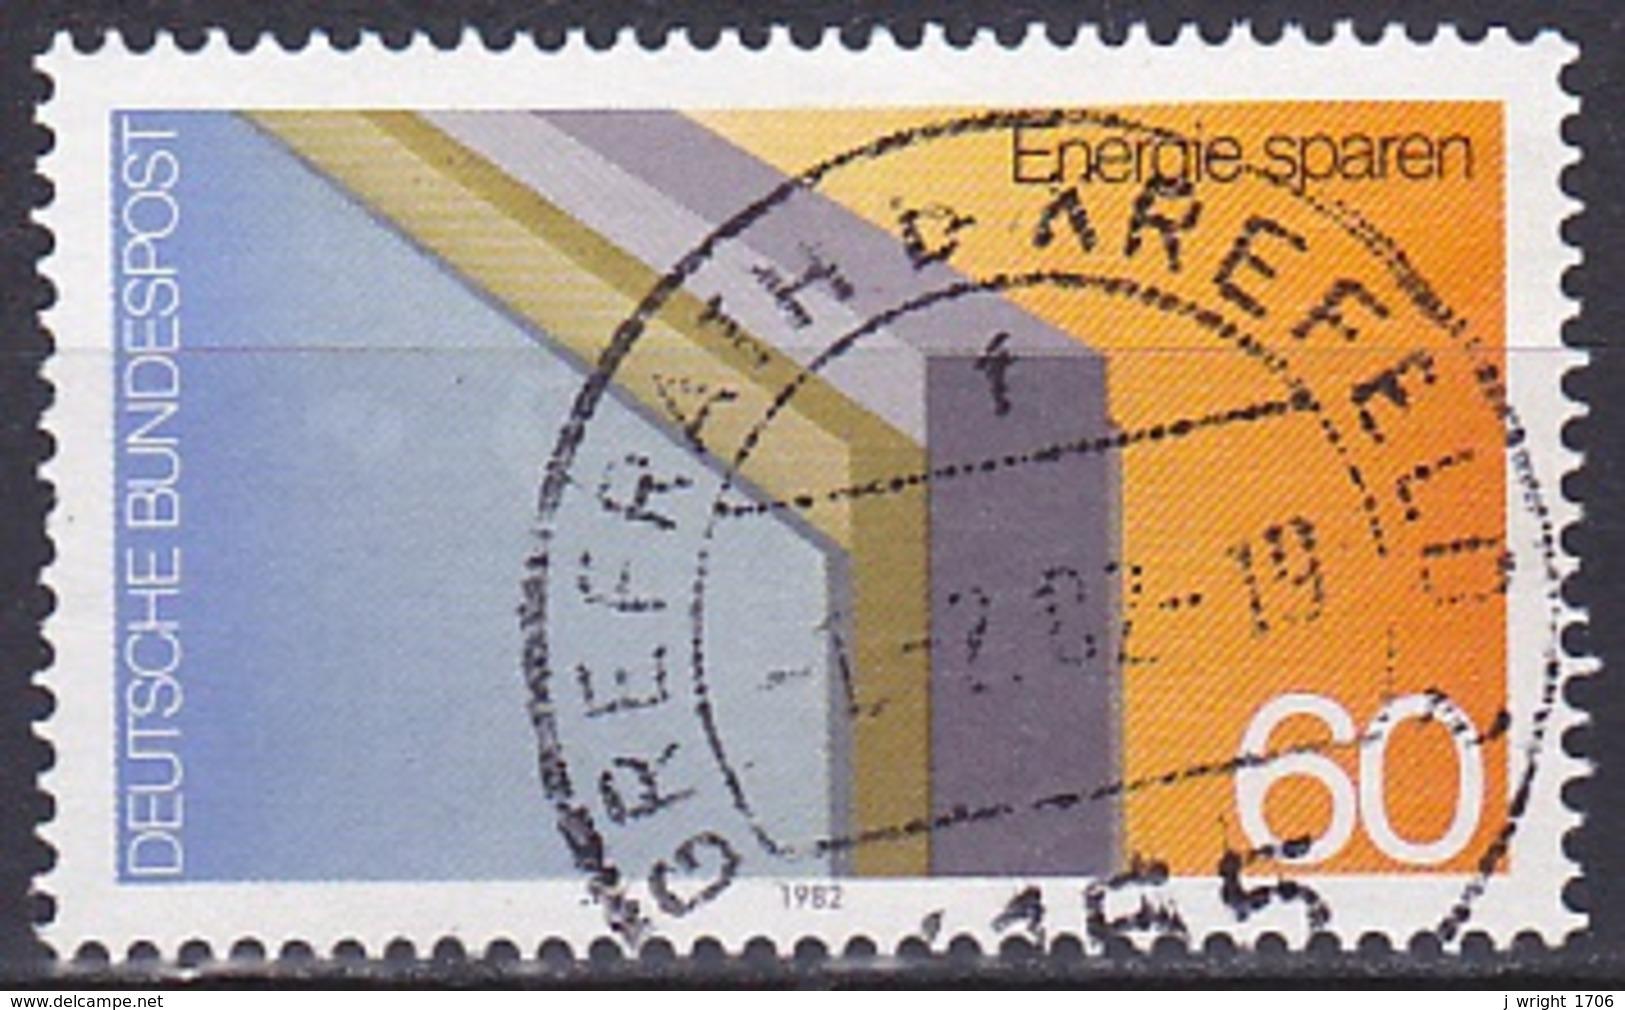 FRG/1982 - Mi 1119 - 60 Pf - USED/'GREFRATH B. KREFELD 2' - [7] Federal Republic